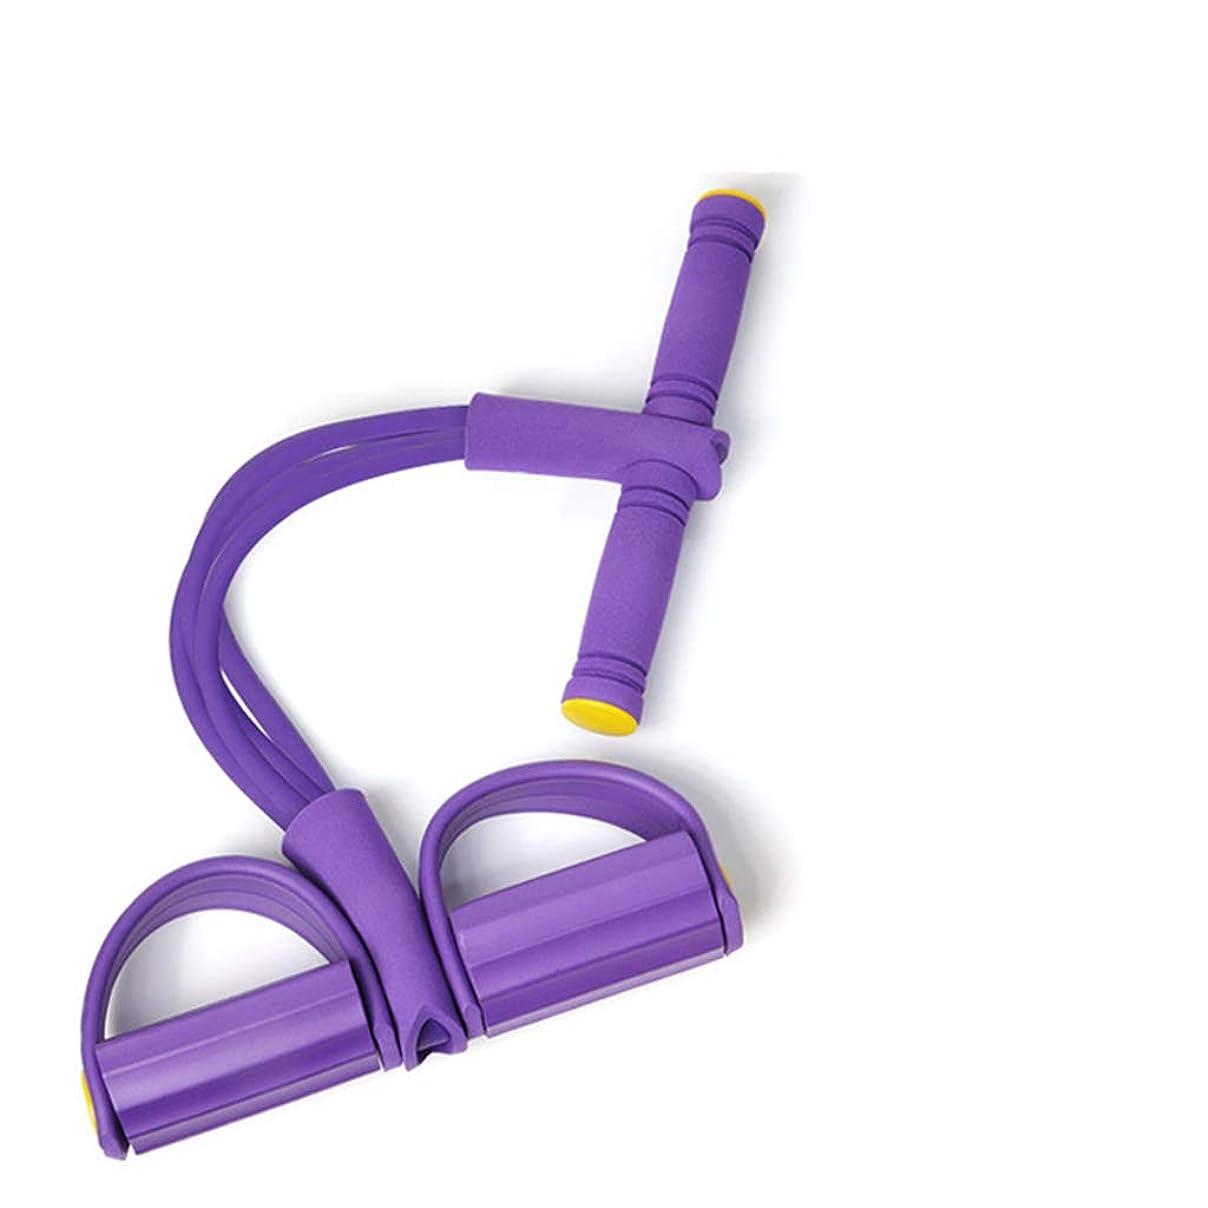 すべてミル少数抵抗バンド装置シットアッププラー、減量ウエスト腹部ヨガトレーニング整形練習腕/脚/肩/腹部オフィスエクササイズ,Purple